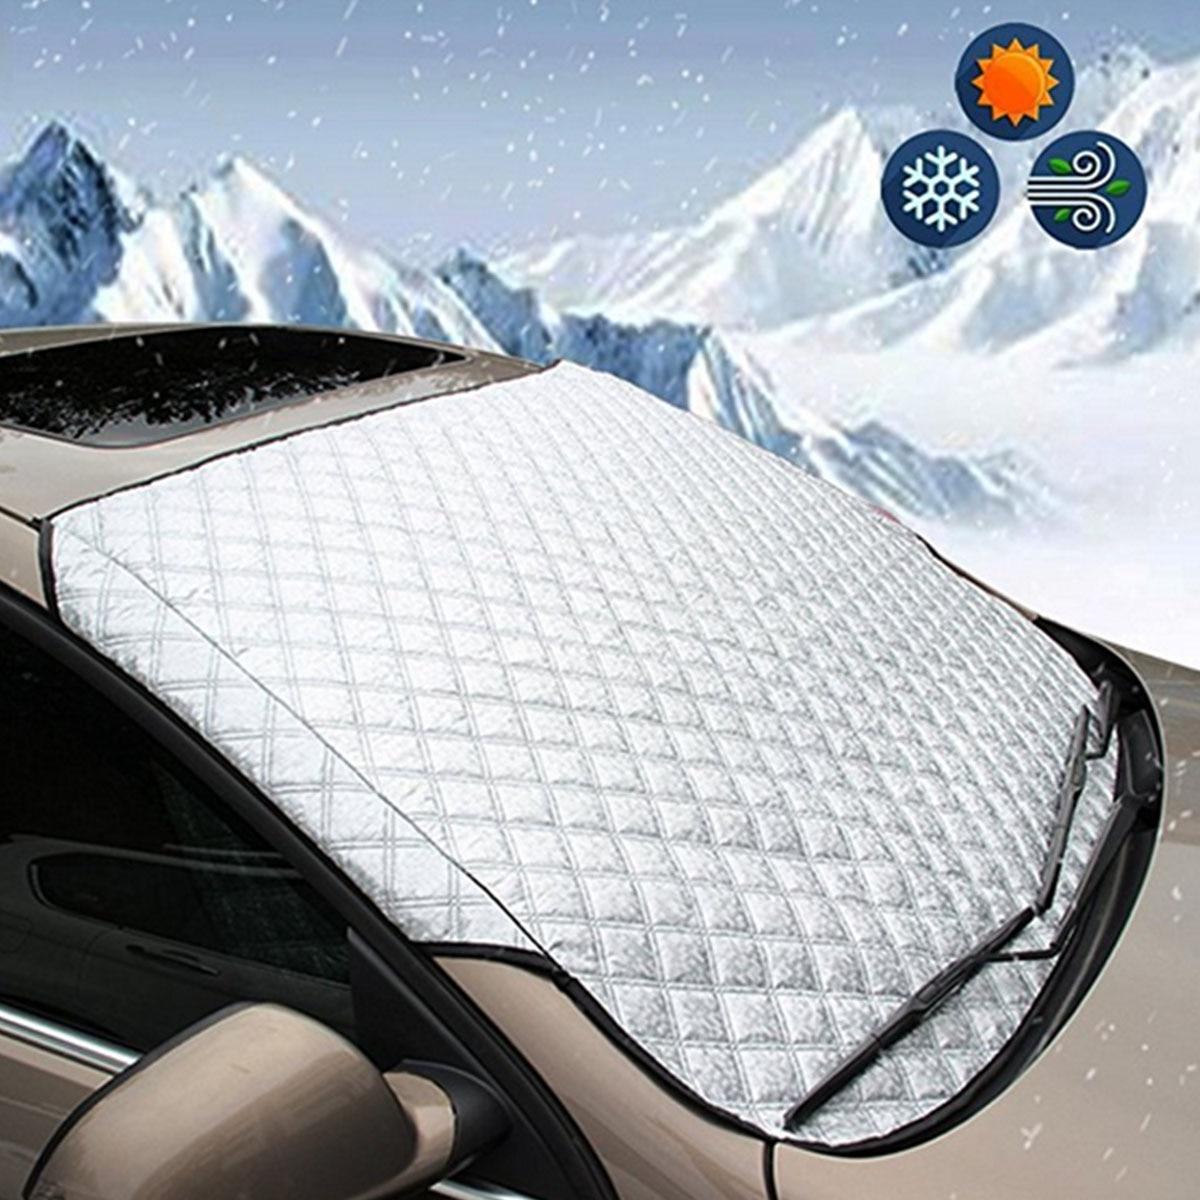 147*70 см ветровой экран покрытие окна автомобиля экран Солнечный свет Мороз лед снег Защита от пыли